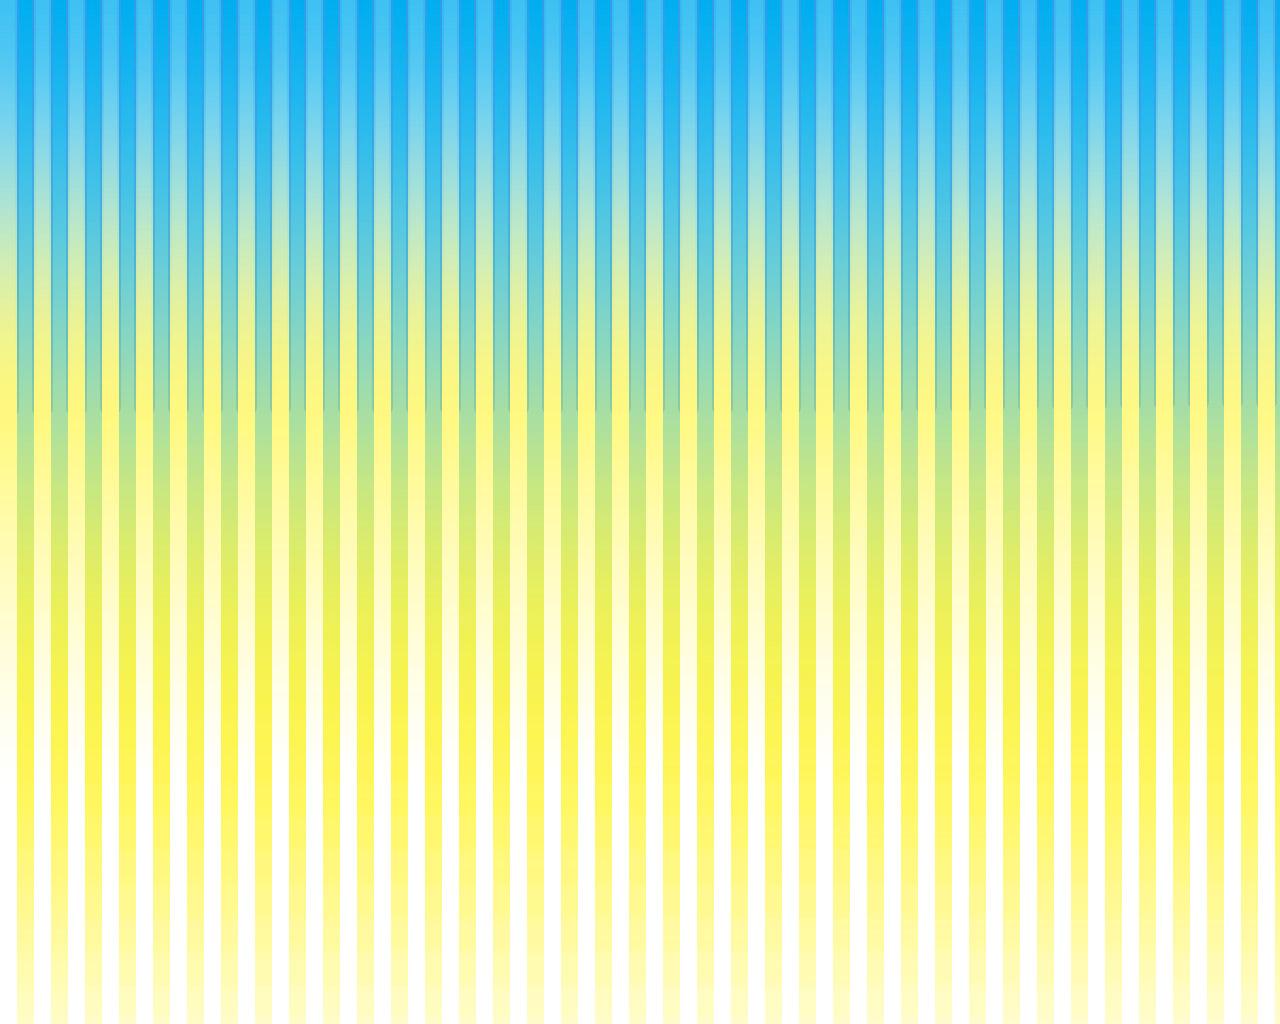 sh yn design stripe wallpaper blue yellow stripe